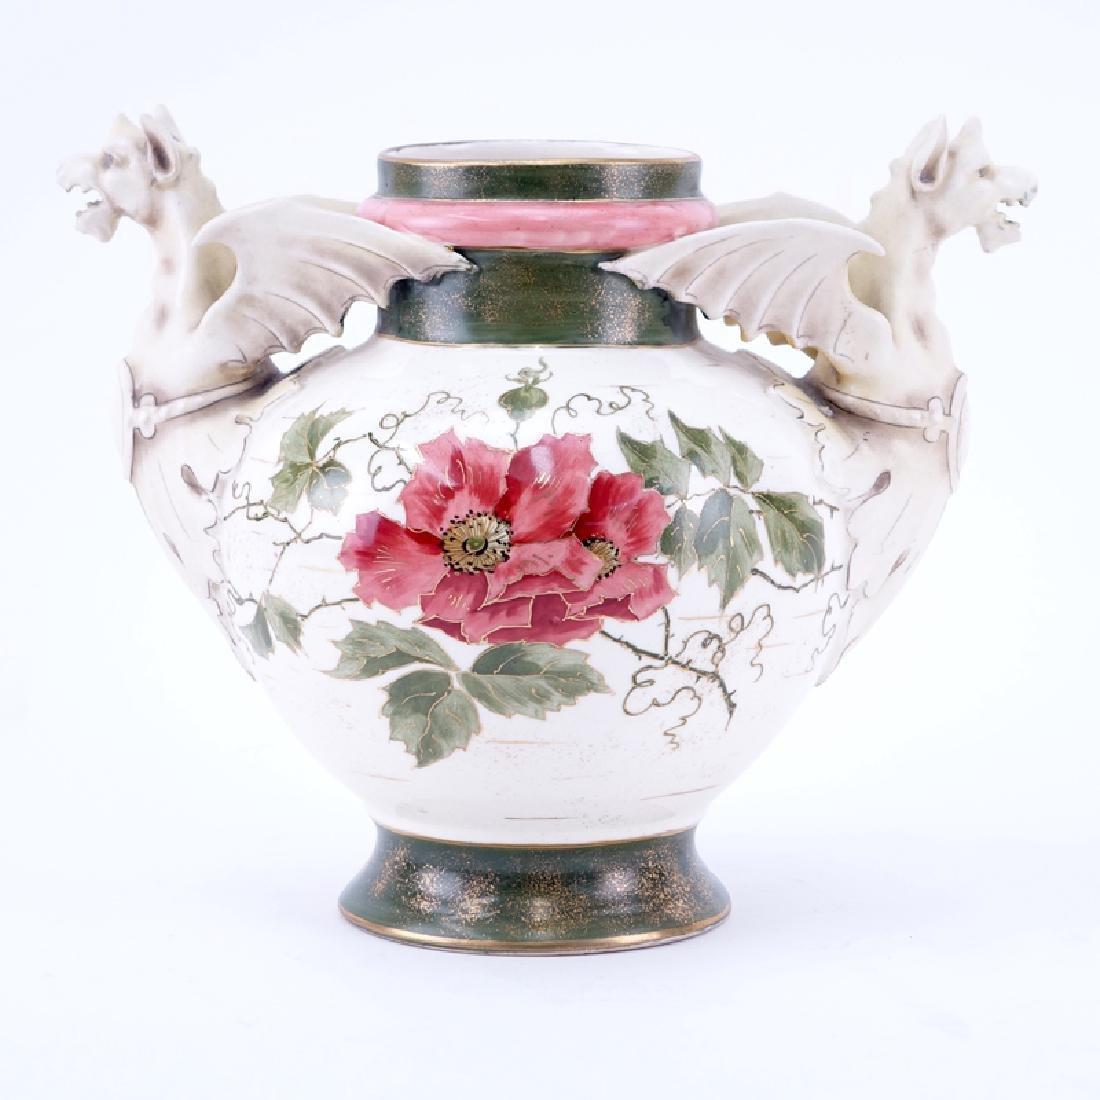 Antique Amphora Alfred Stellmacher Turn Teplitz